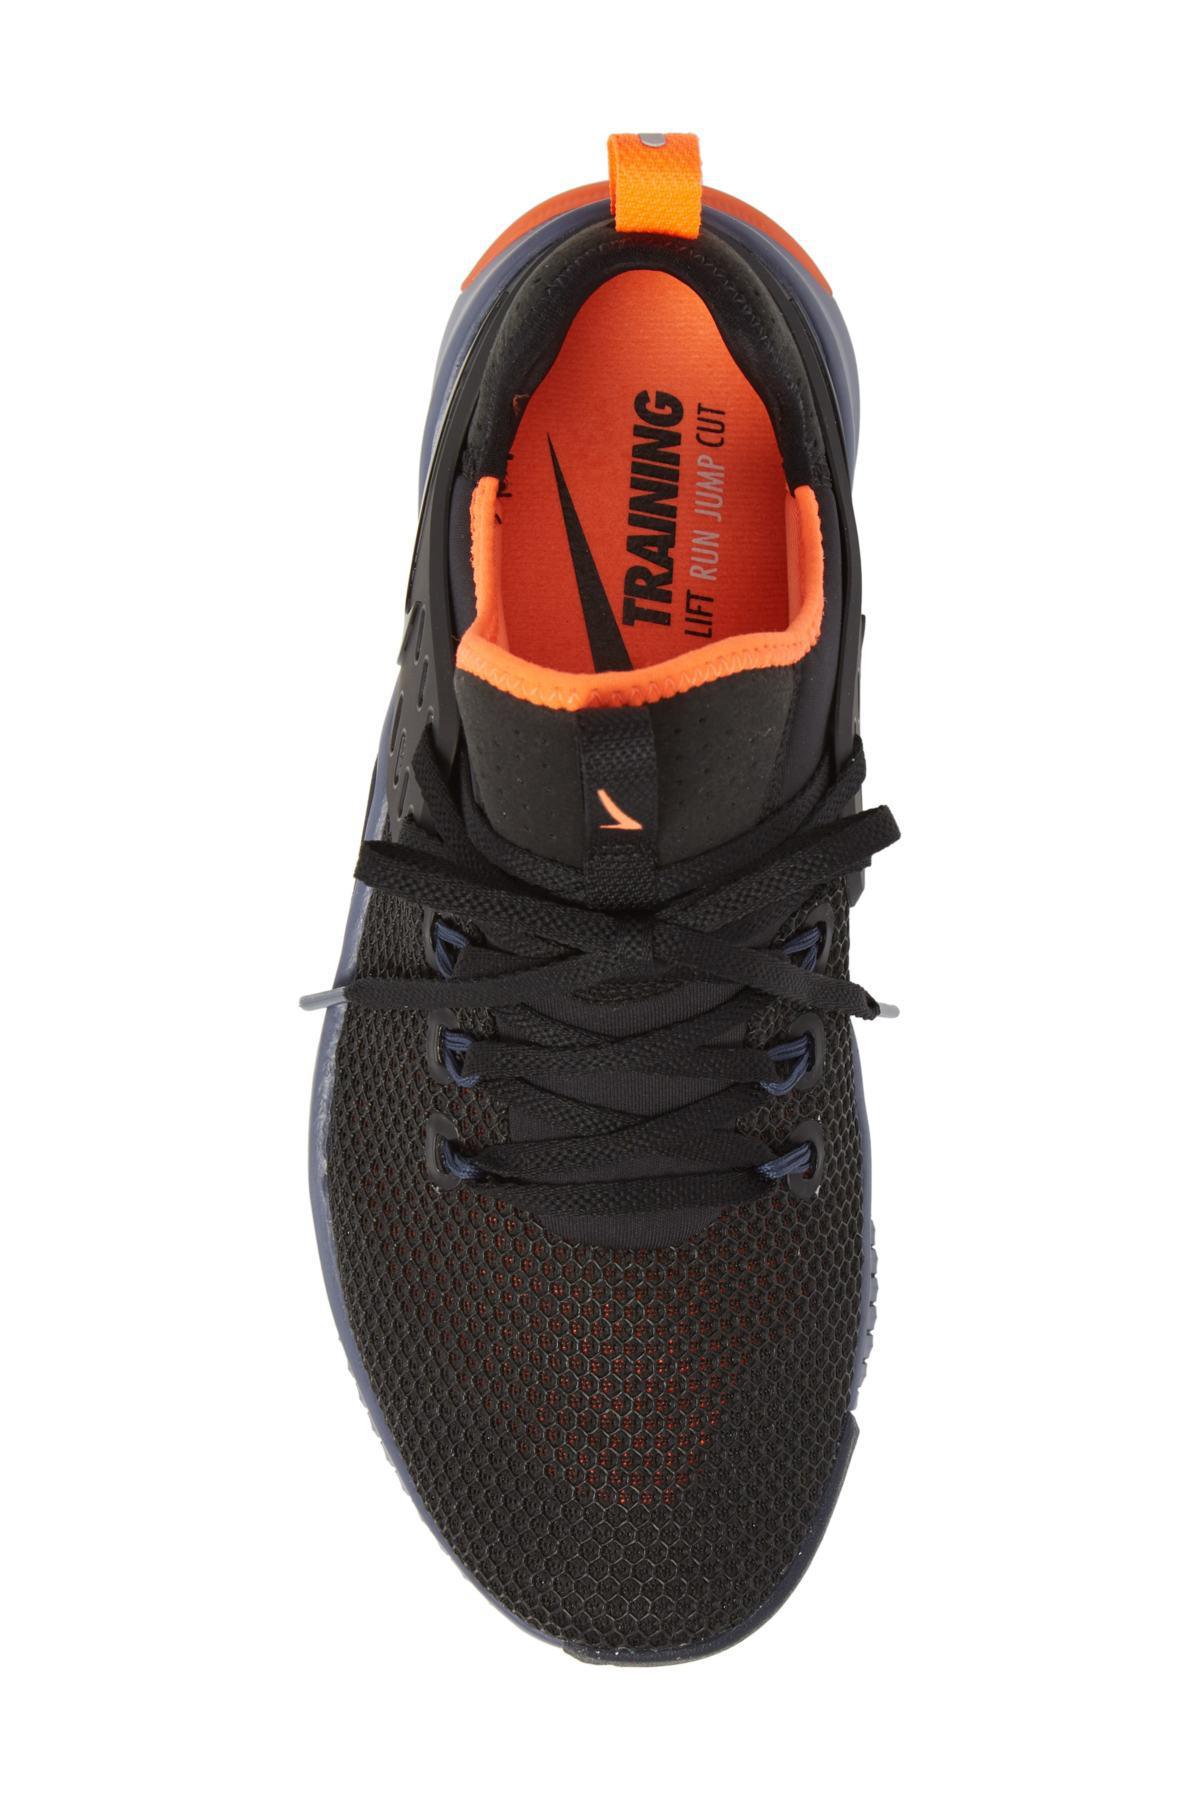 buy online c8430 915d4 nike-BLACKTHUNBL-48-Free-X-Metcon-Training-Shoe-men.jpeg